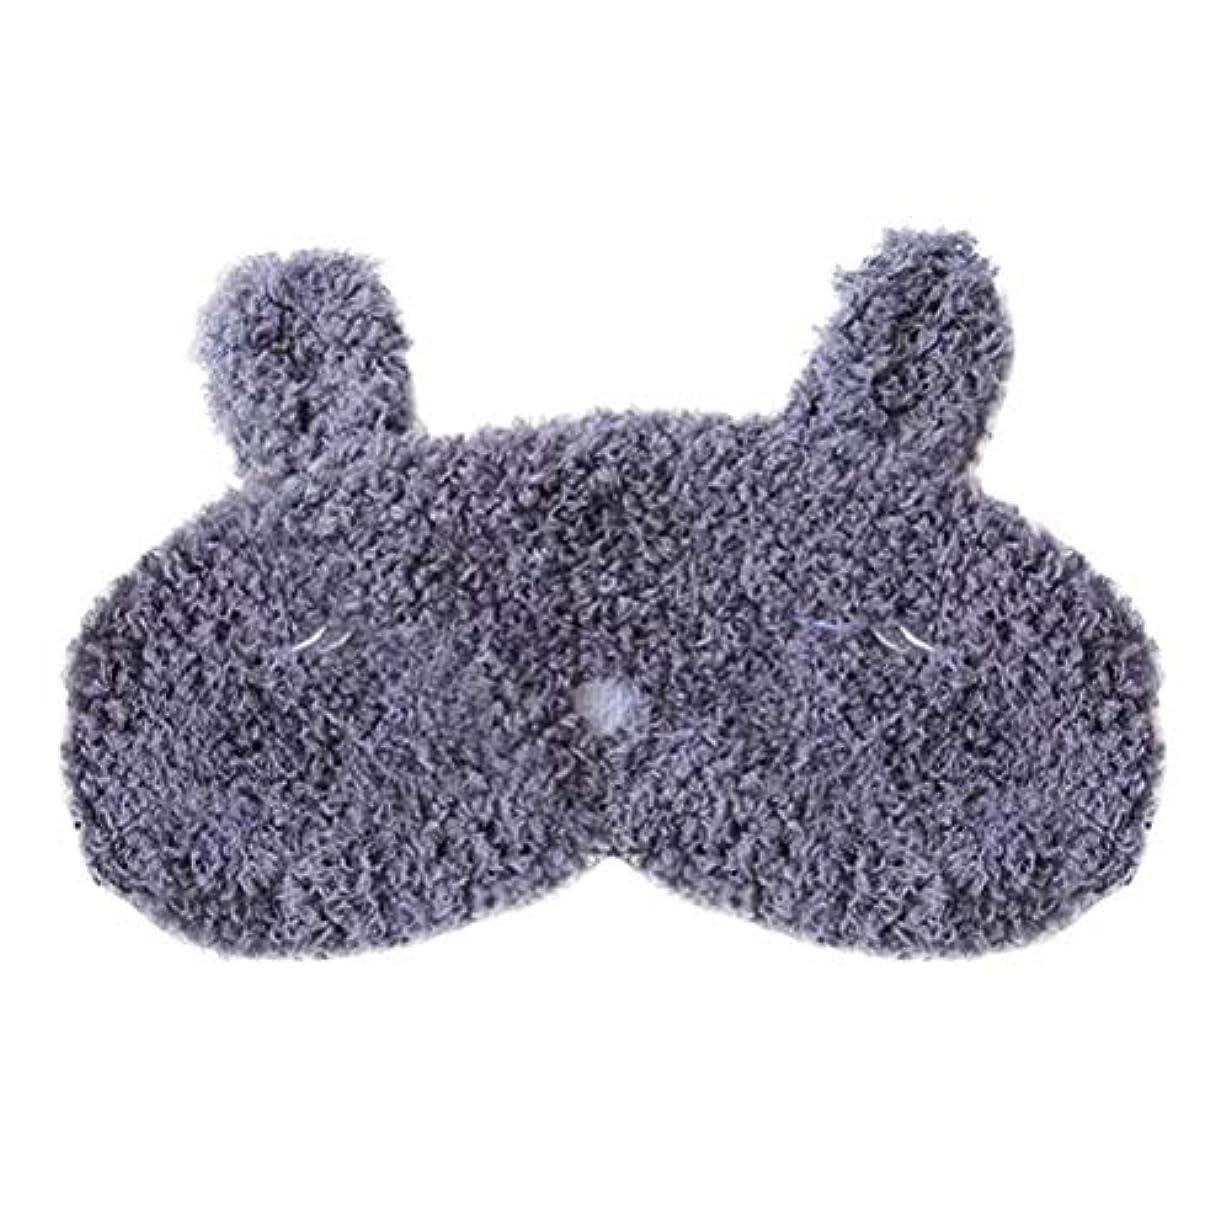 ウサギ農夫誓約HEALIFTY かわいいアイマスクアイシェッドカーネーションアイマスクウサギのキャットアイパッチ(睡眠ニップ(ネイビー)